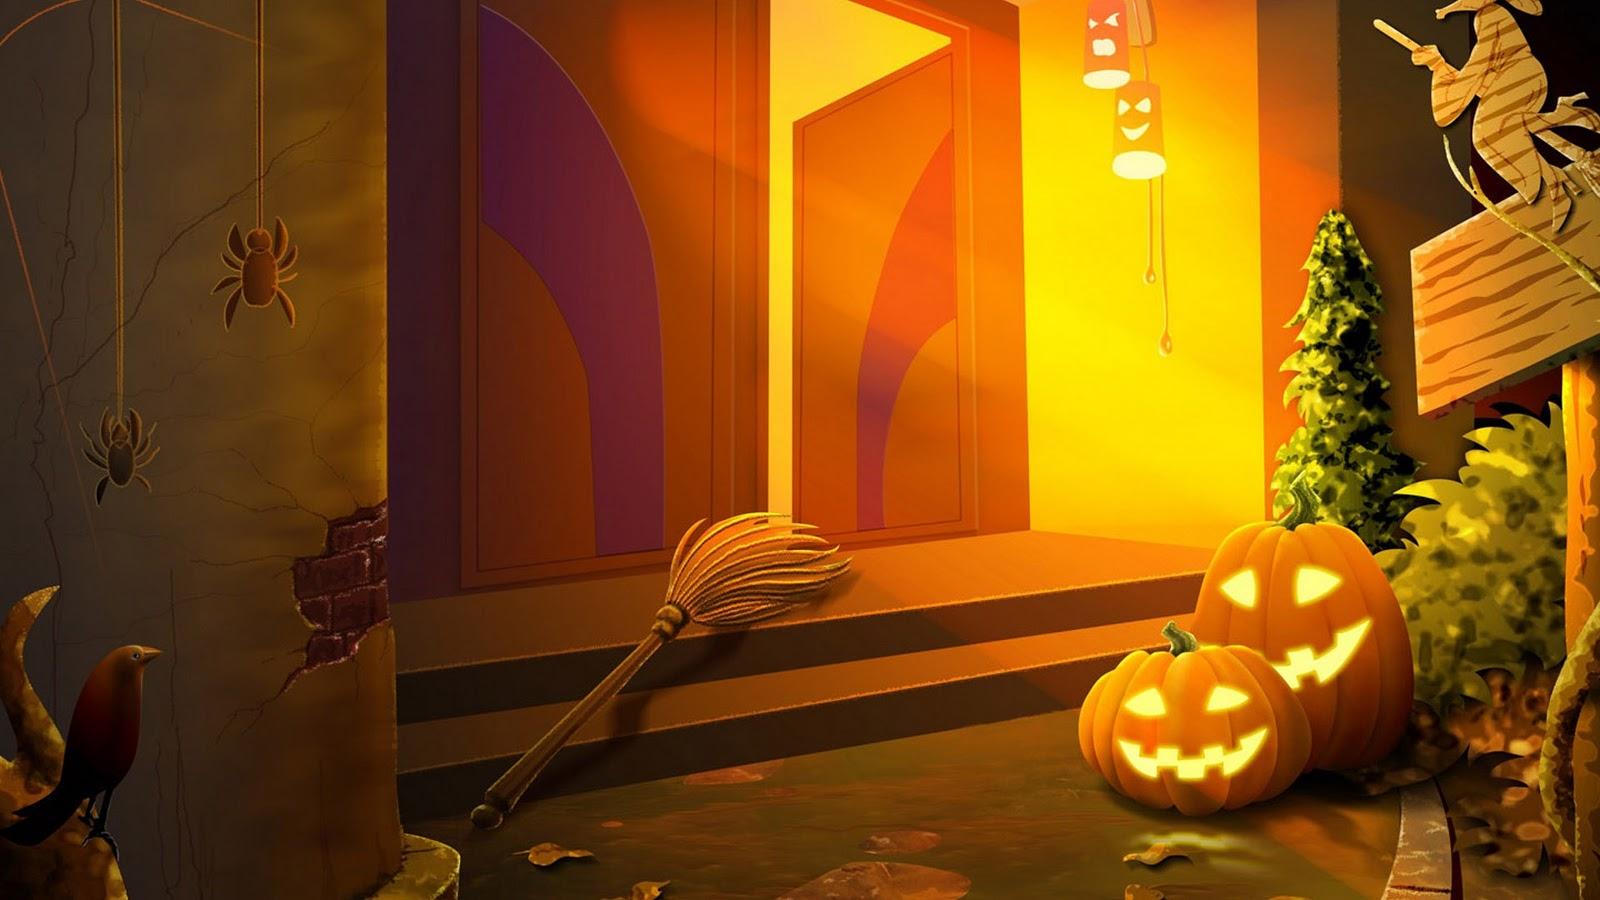 Best Desktop HD Wallpaper - Halloween Wallpapers